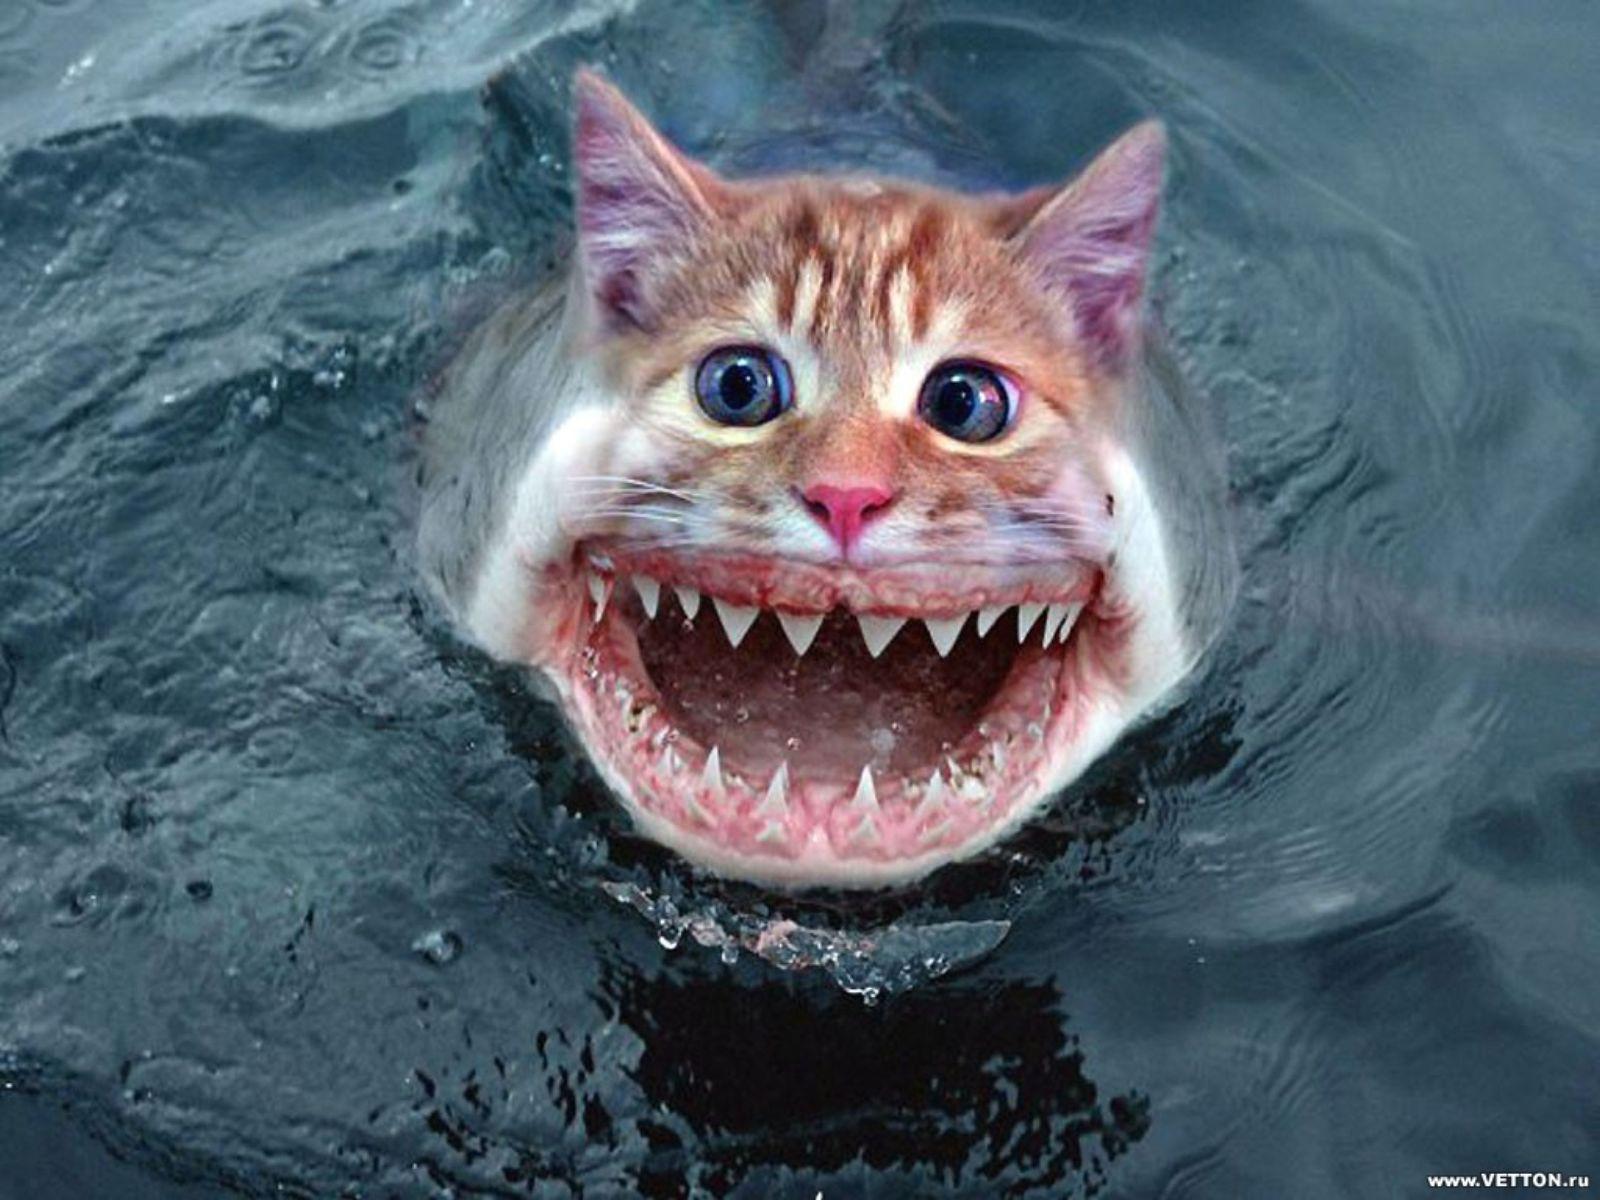 Картинка кот заглядывает - 9ba0b